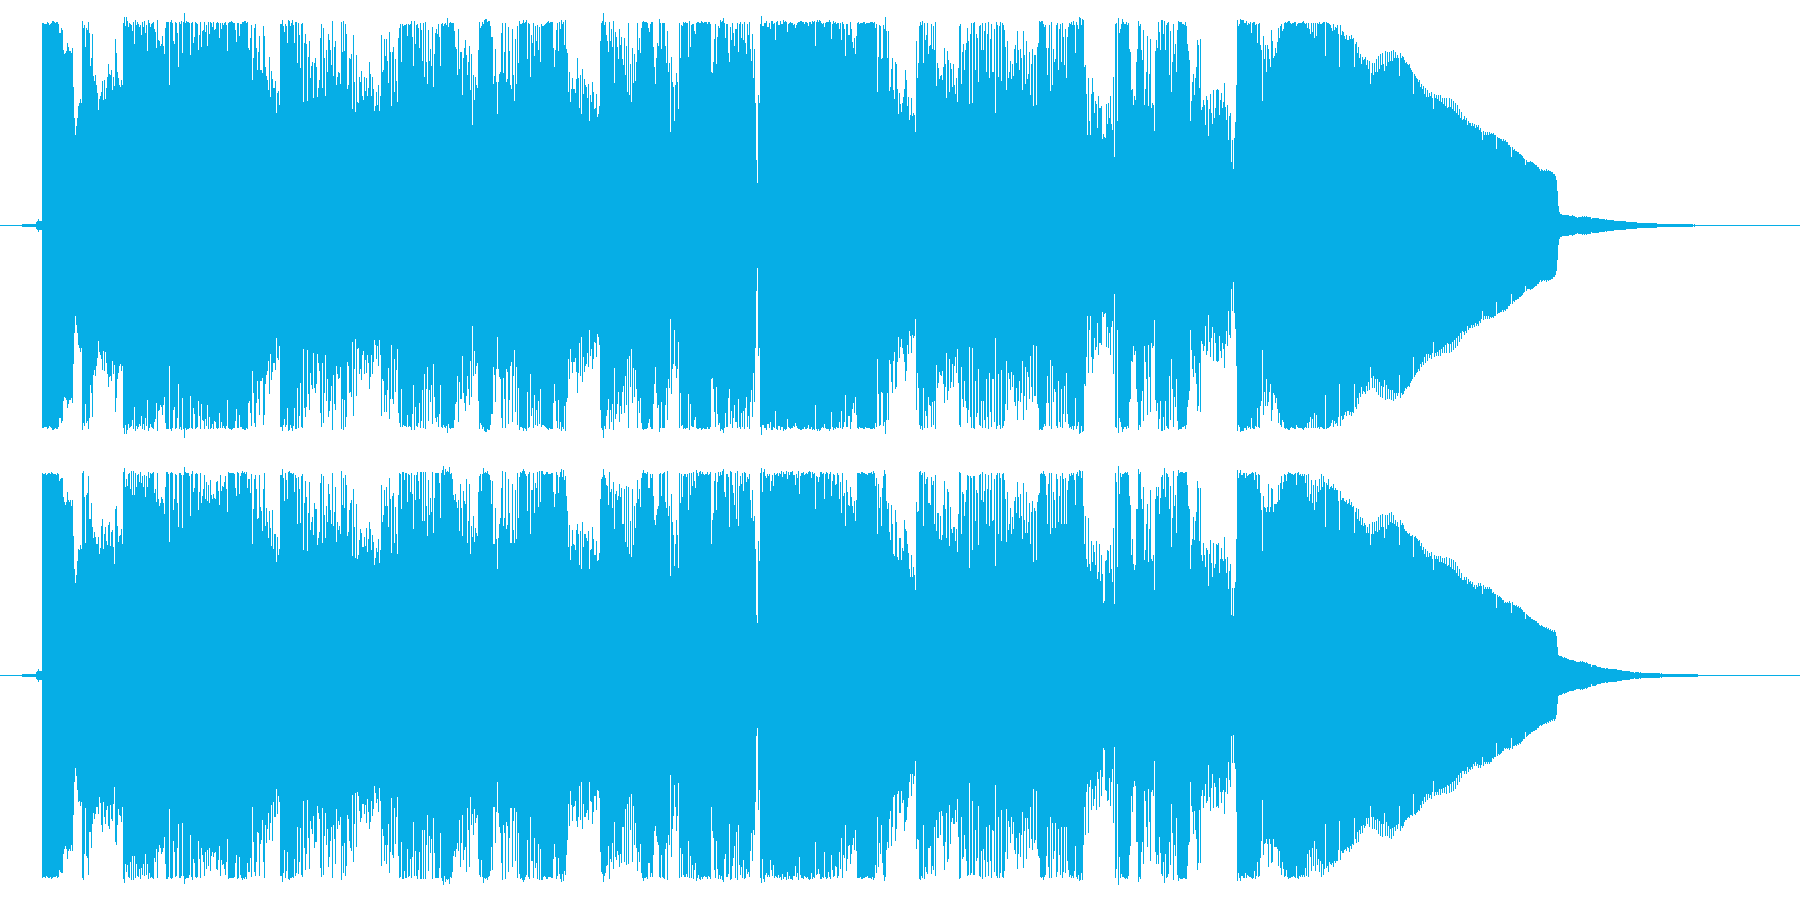 カントリー風アレンジのサウンドロゴ・シ…の再生済みの波形